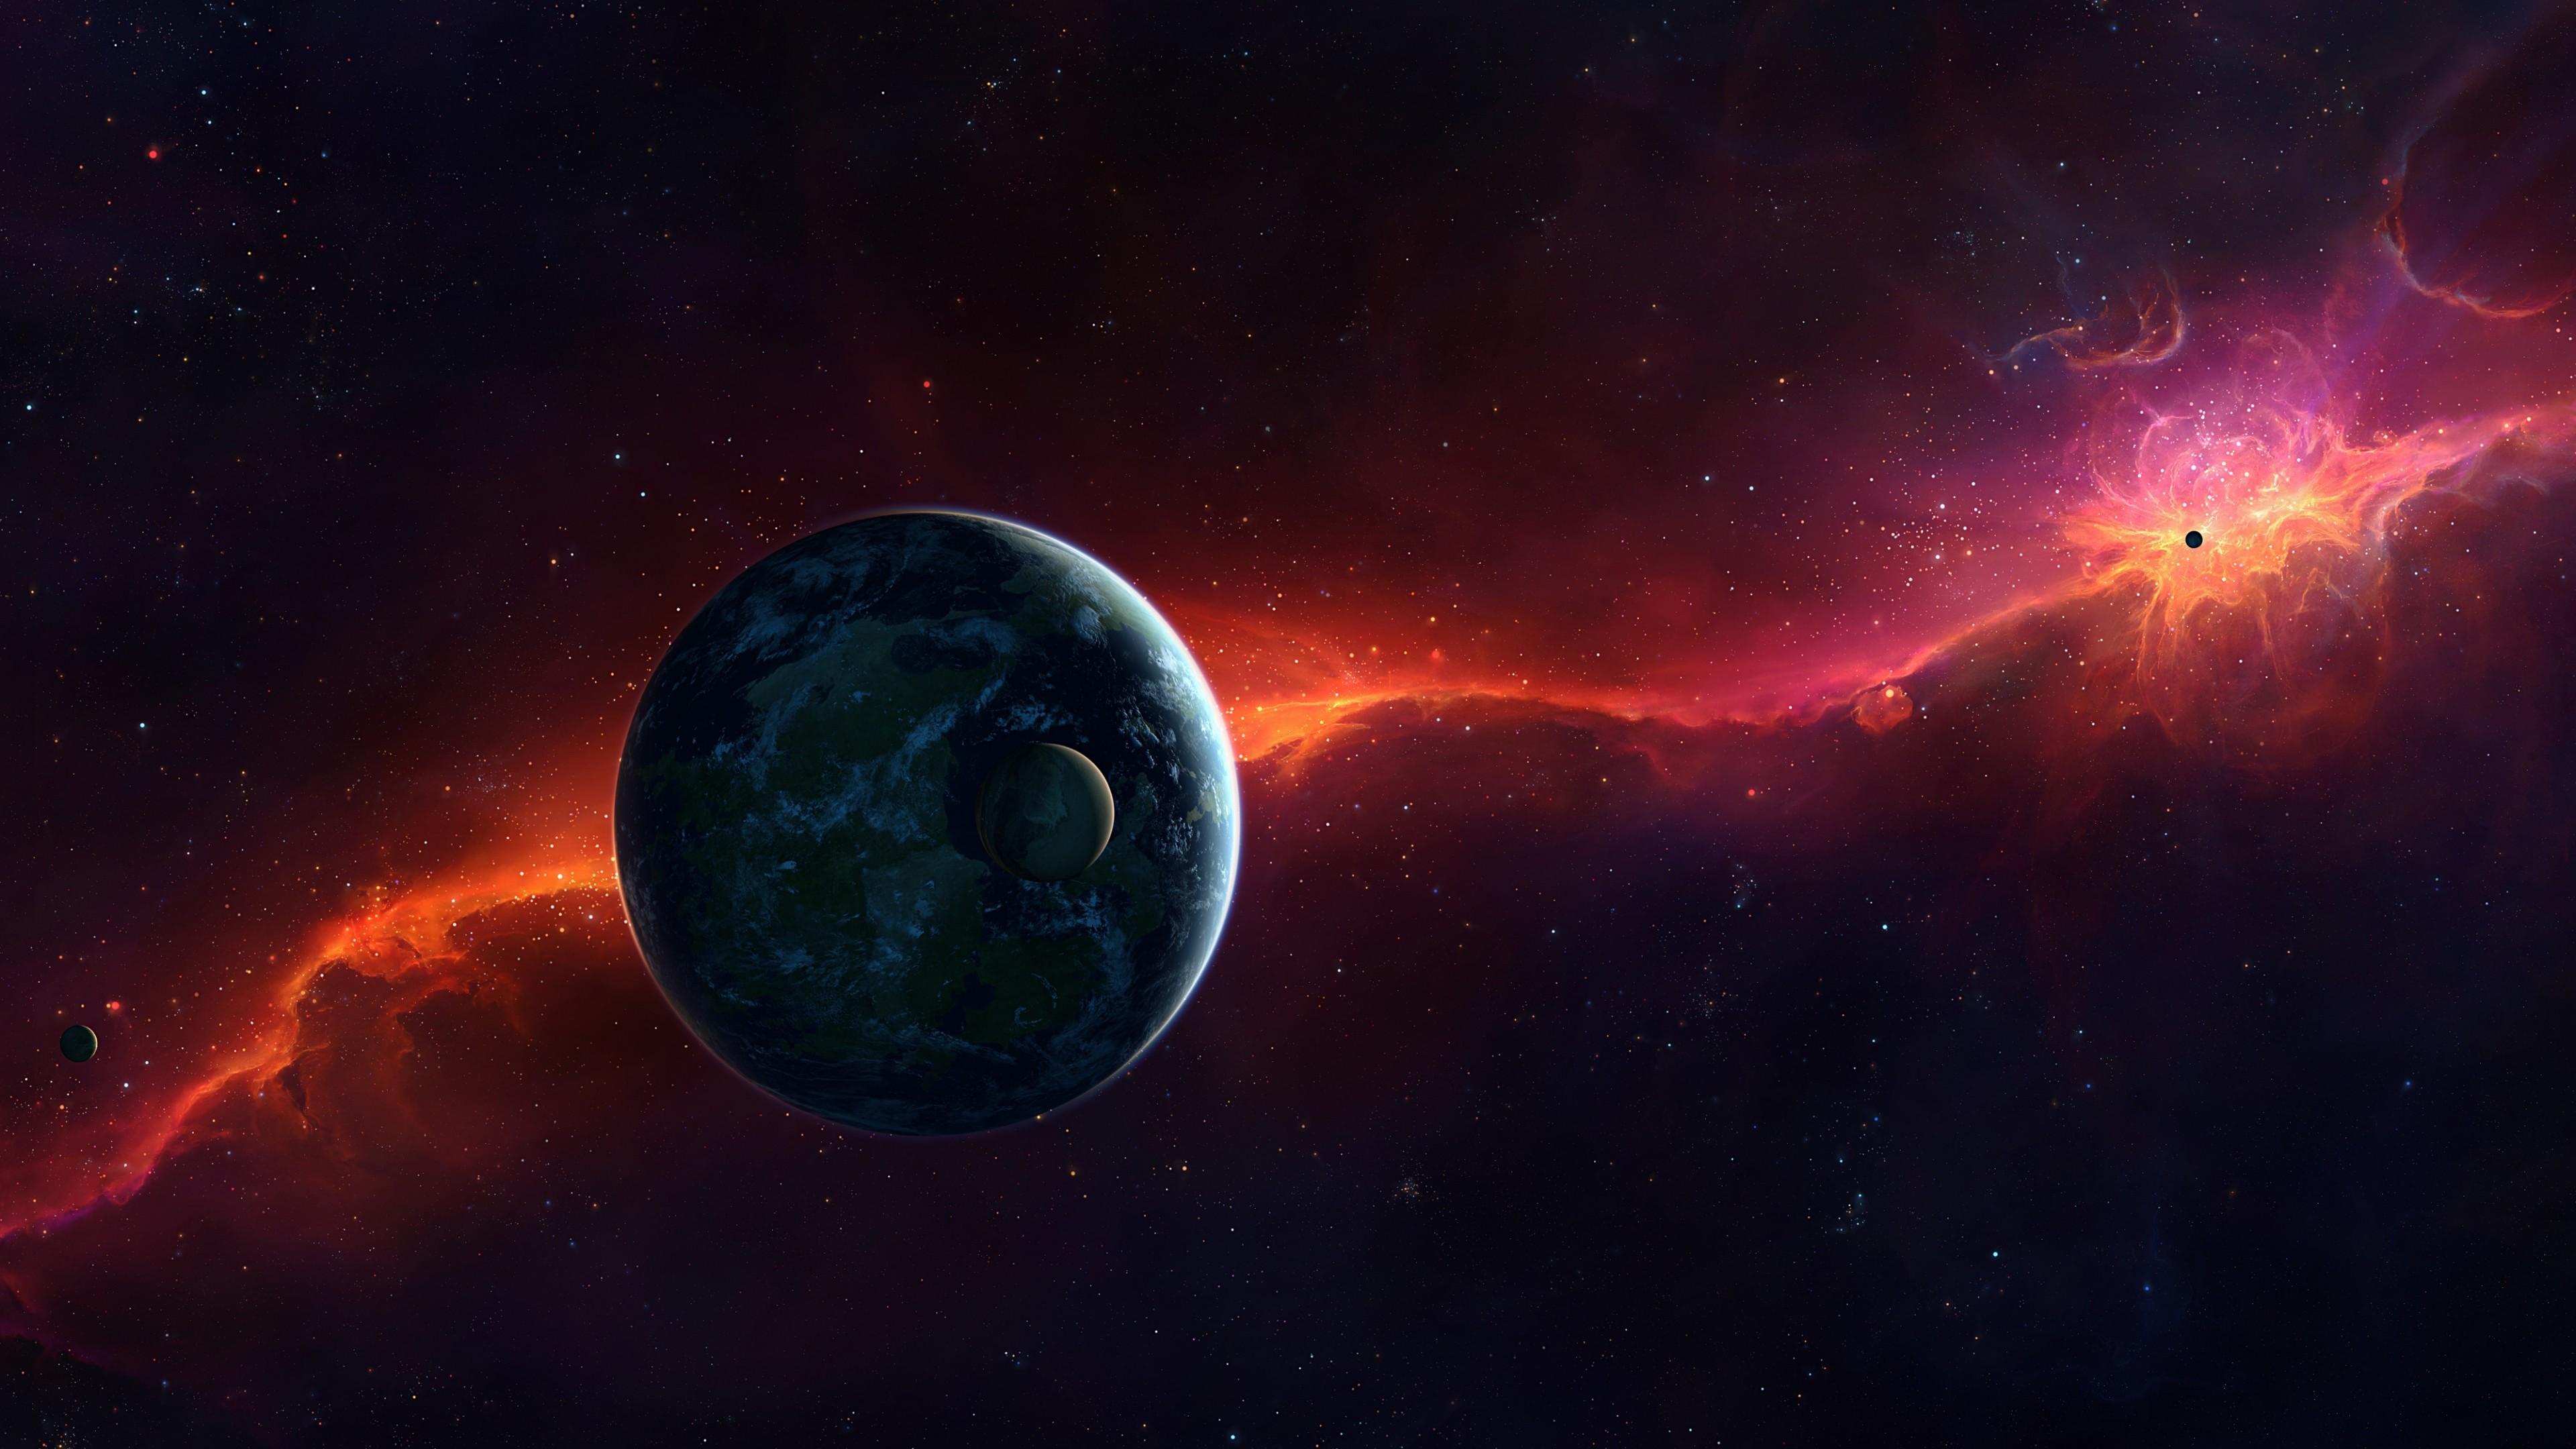 Planets, Cosmos, Galaxy, 4K